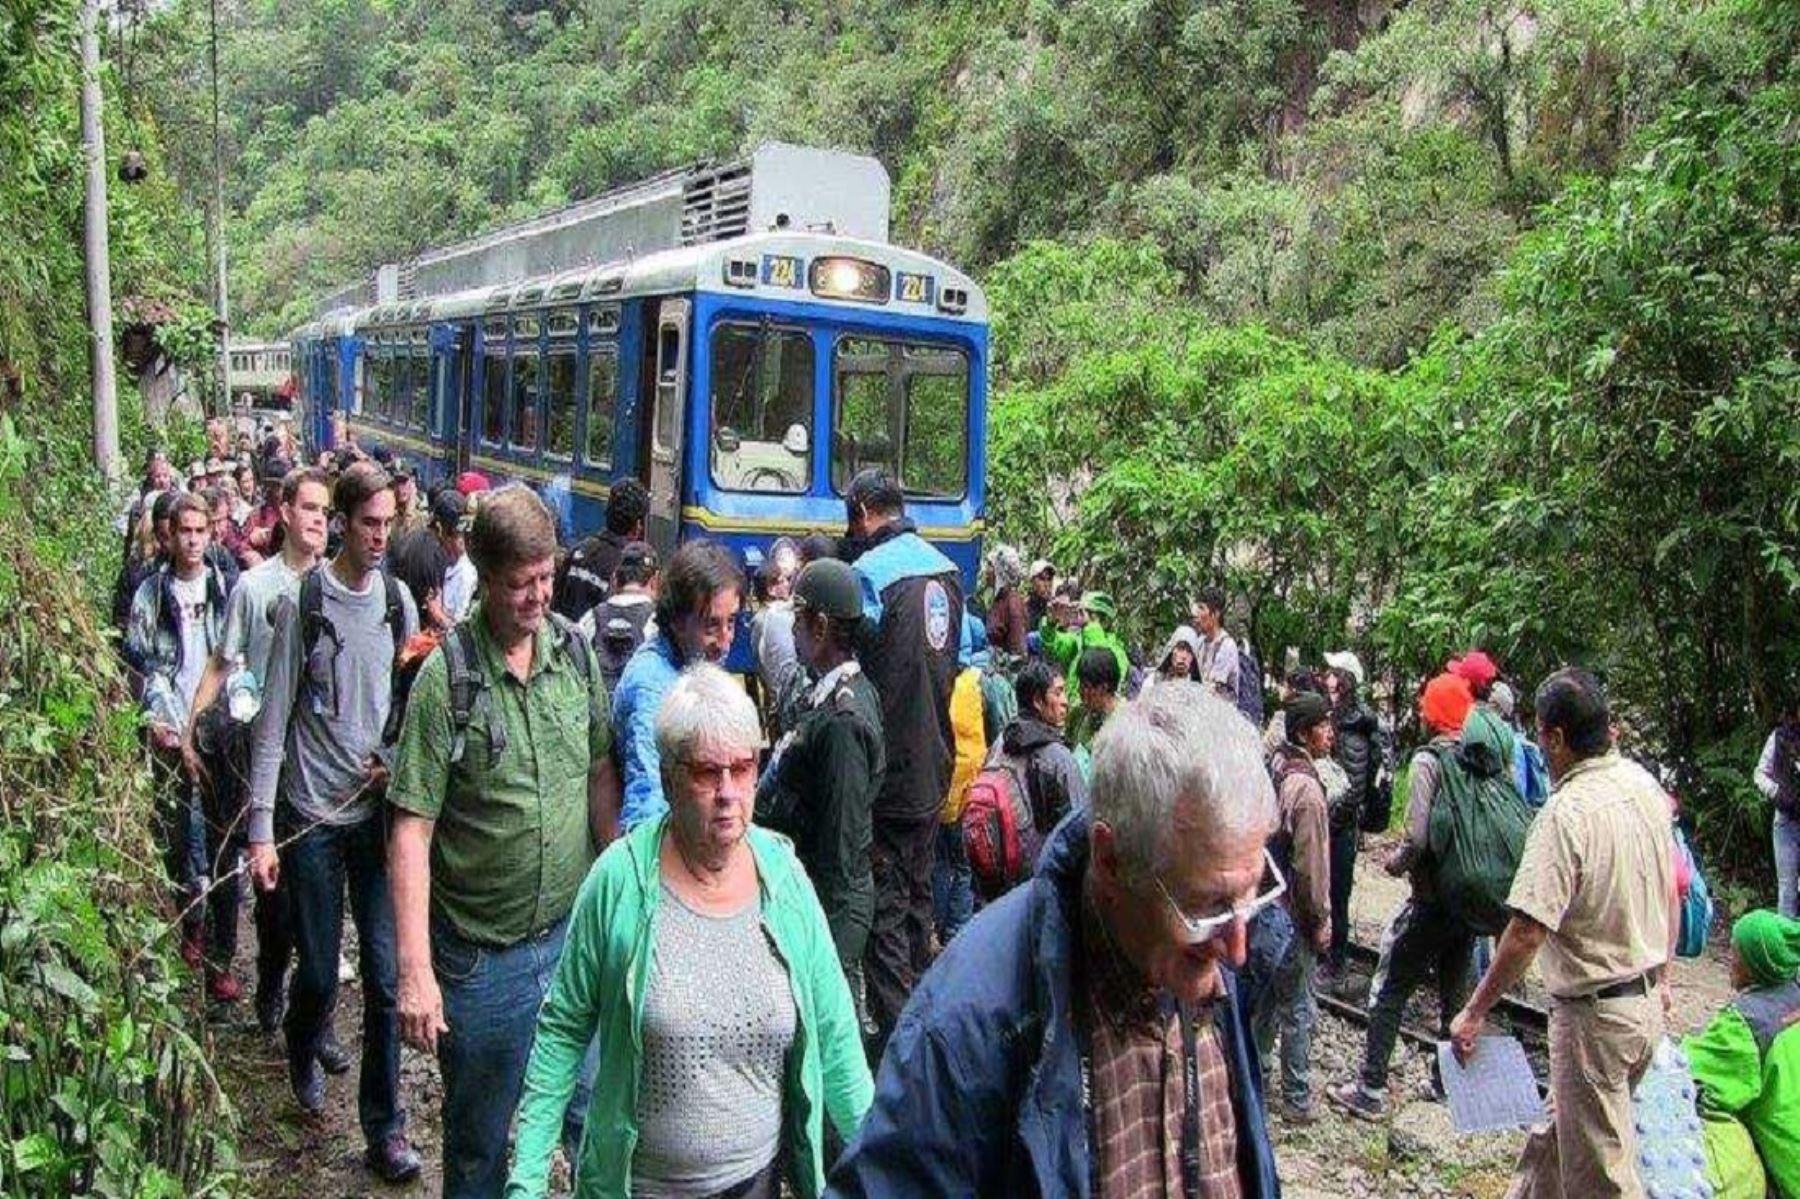 Deslizamientos afectaron las frecuencias del tren en los horarios de 05:05 y 06:10 horas, en la ruta Ollantaytambo-Machu Picchu; y de las 05:35 horas en la ruta Machu Picchu-Ollantaytambo.